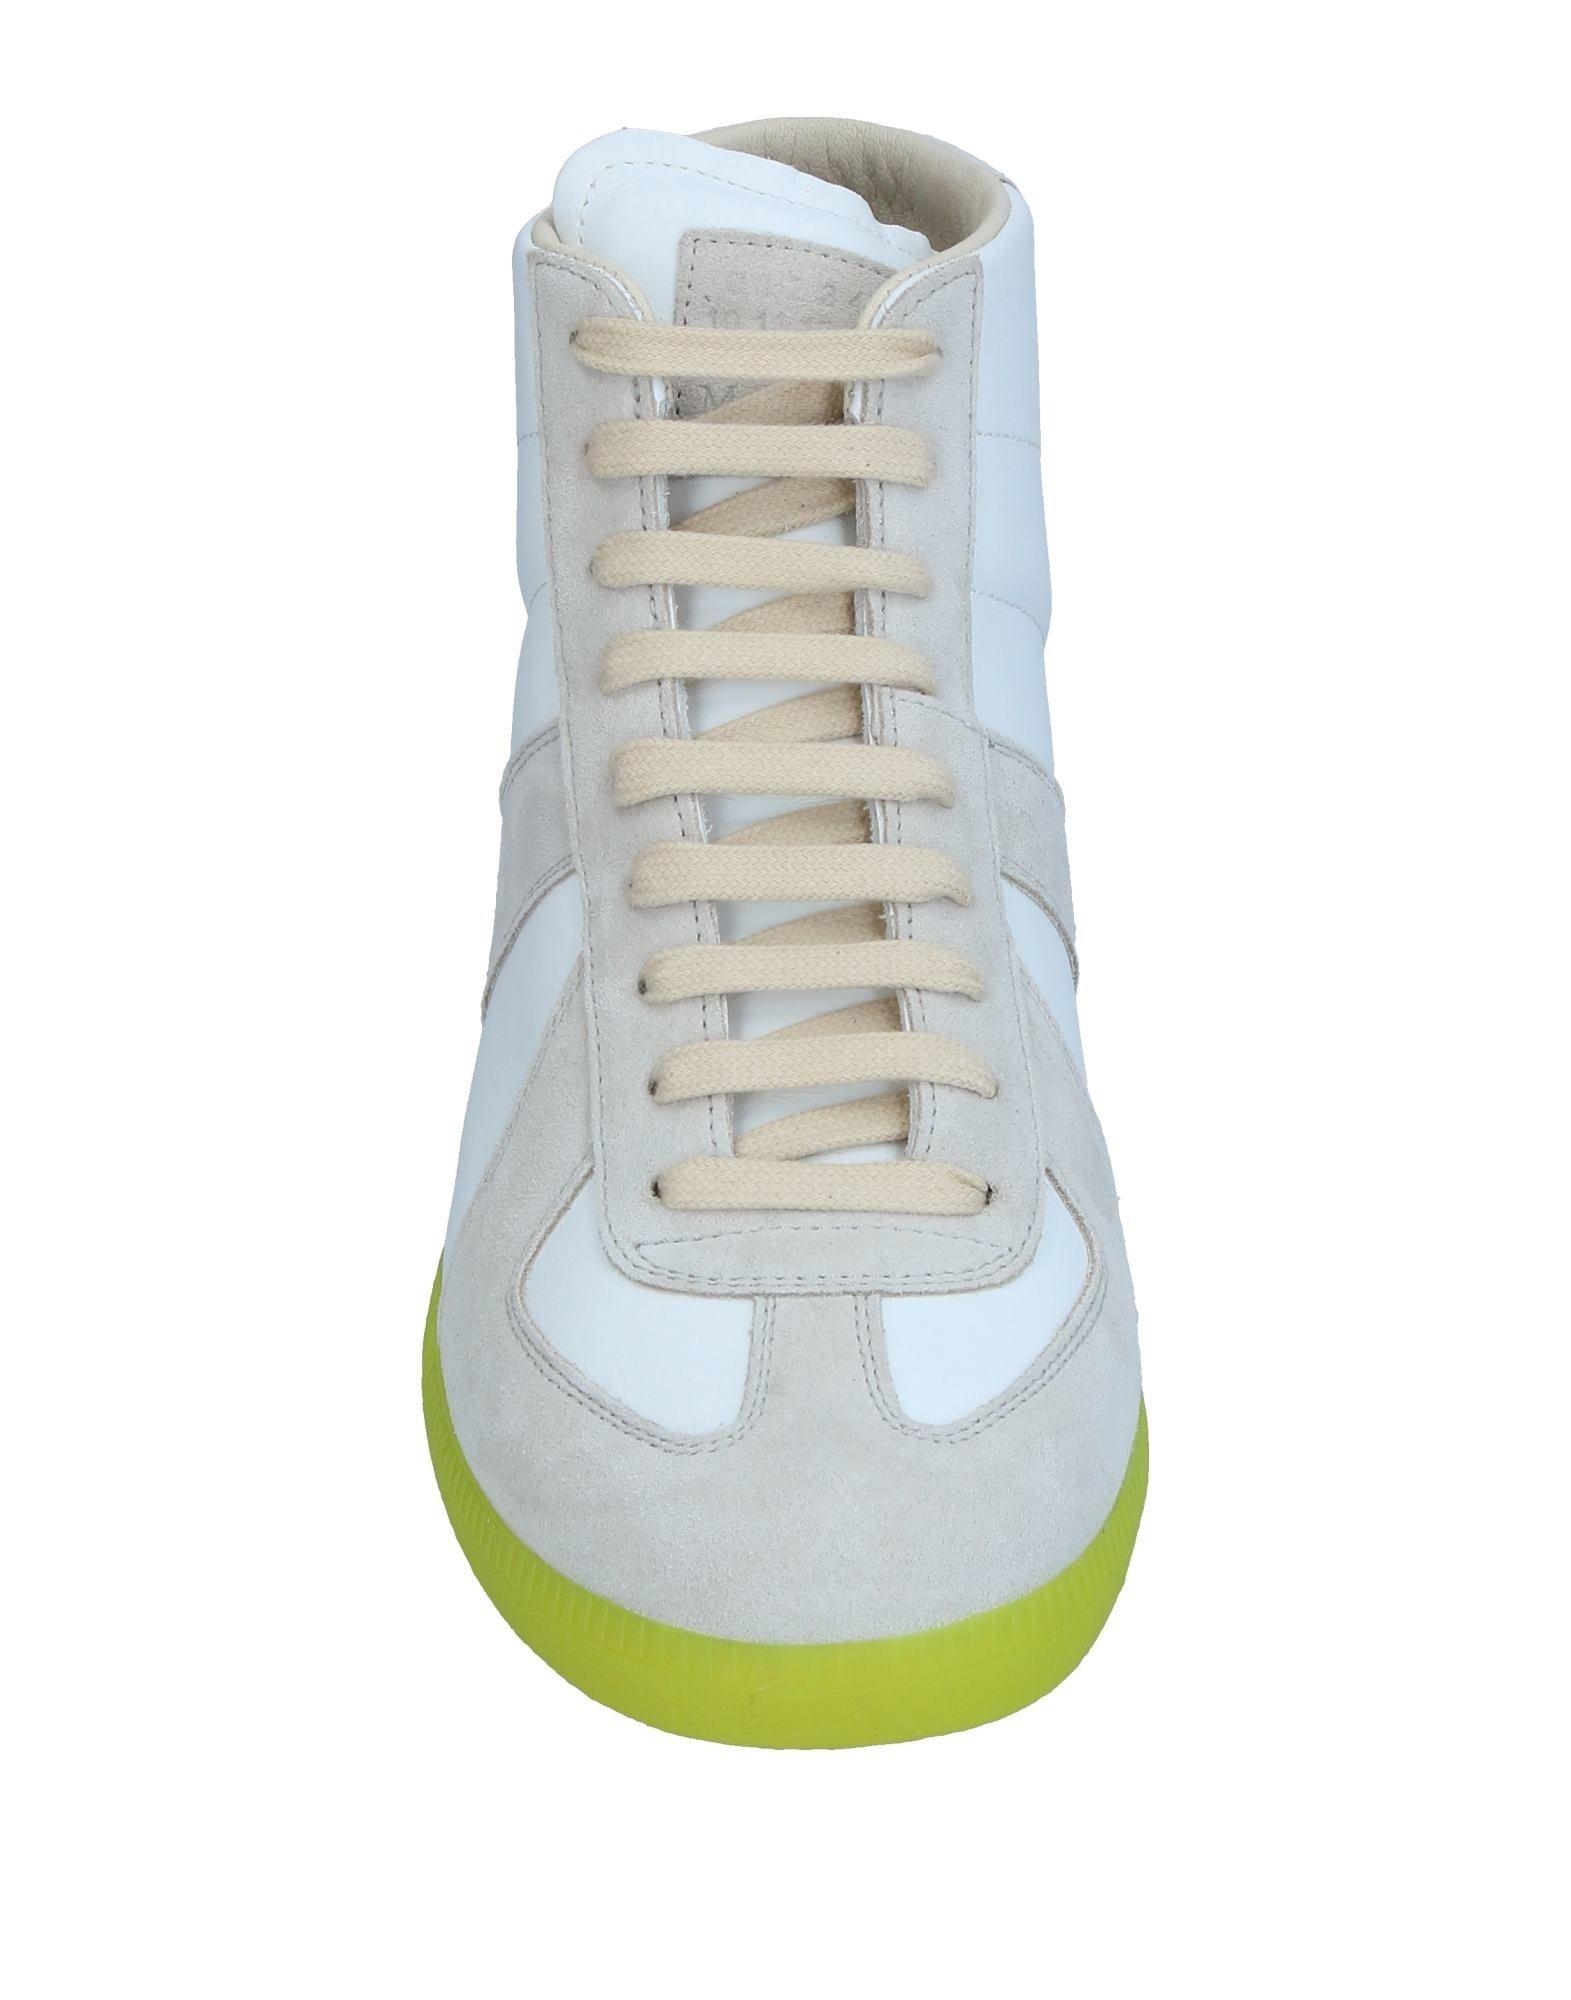 Maison Margiela Herren Sneakers Herren Margiela  11353693IM  9148dc